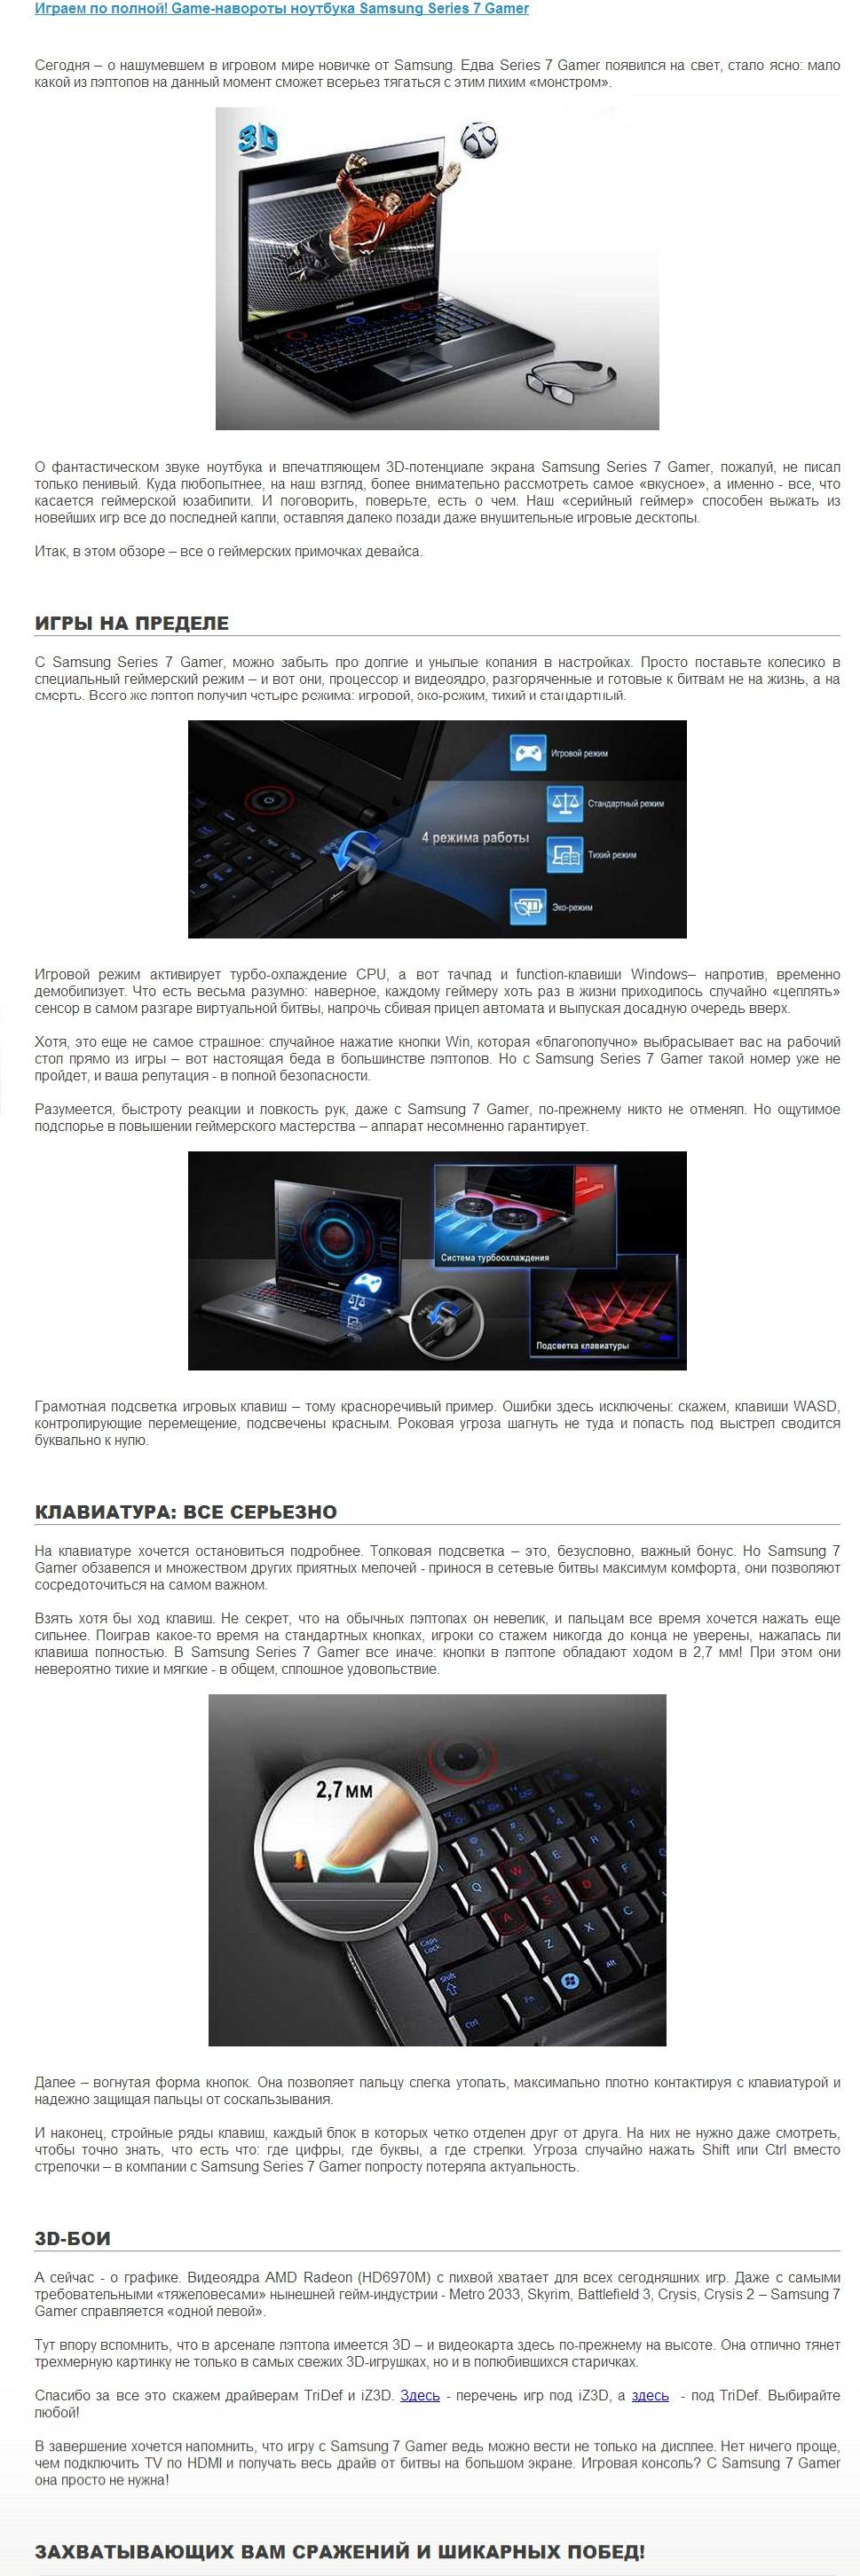 Играем по полной! Game-навороты ноутбука Samsung Series 7 Gamer